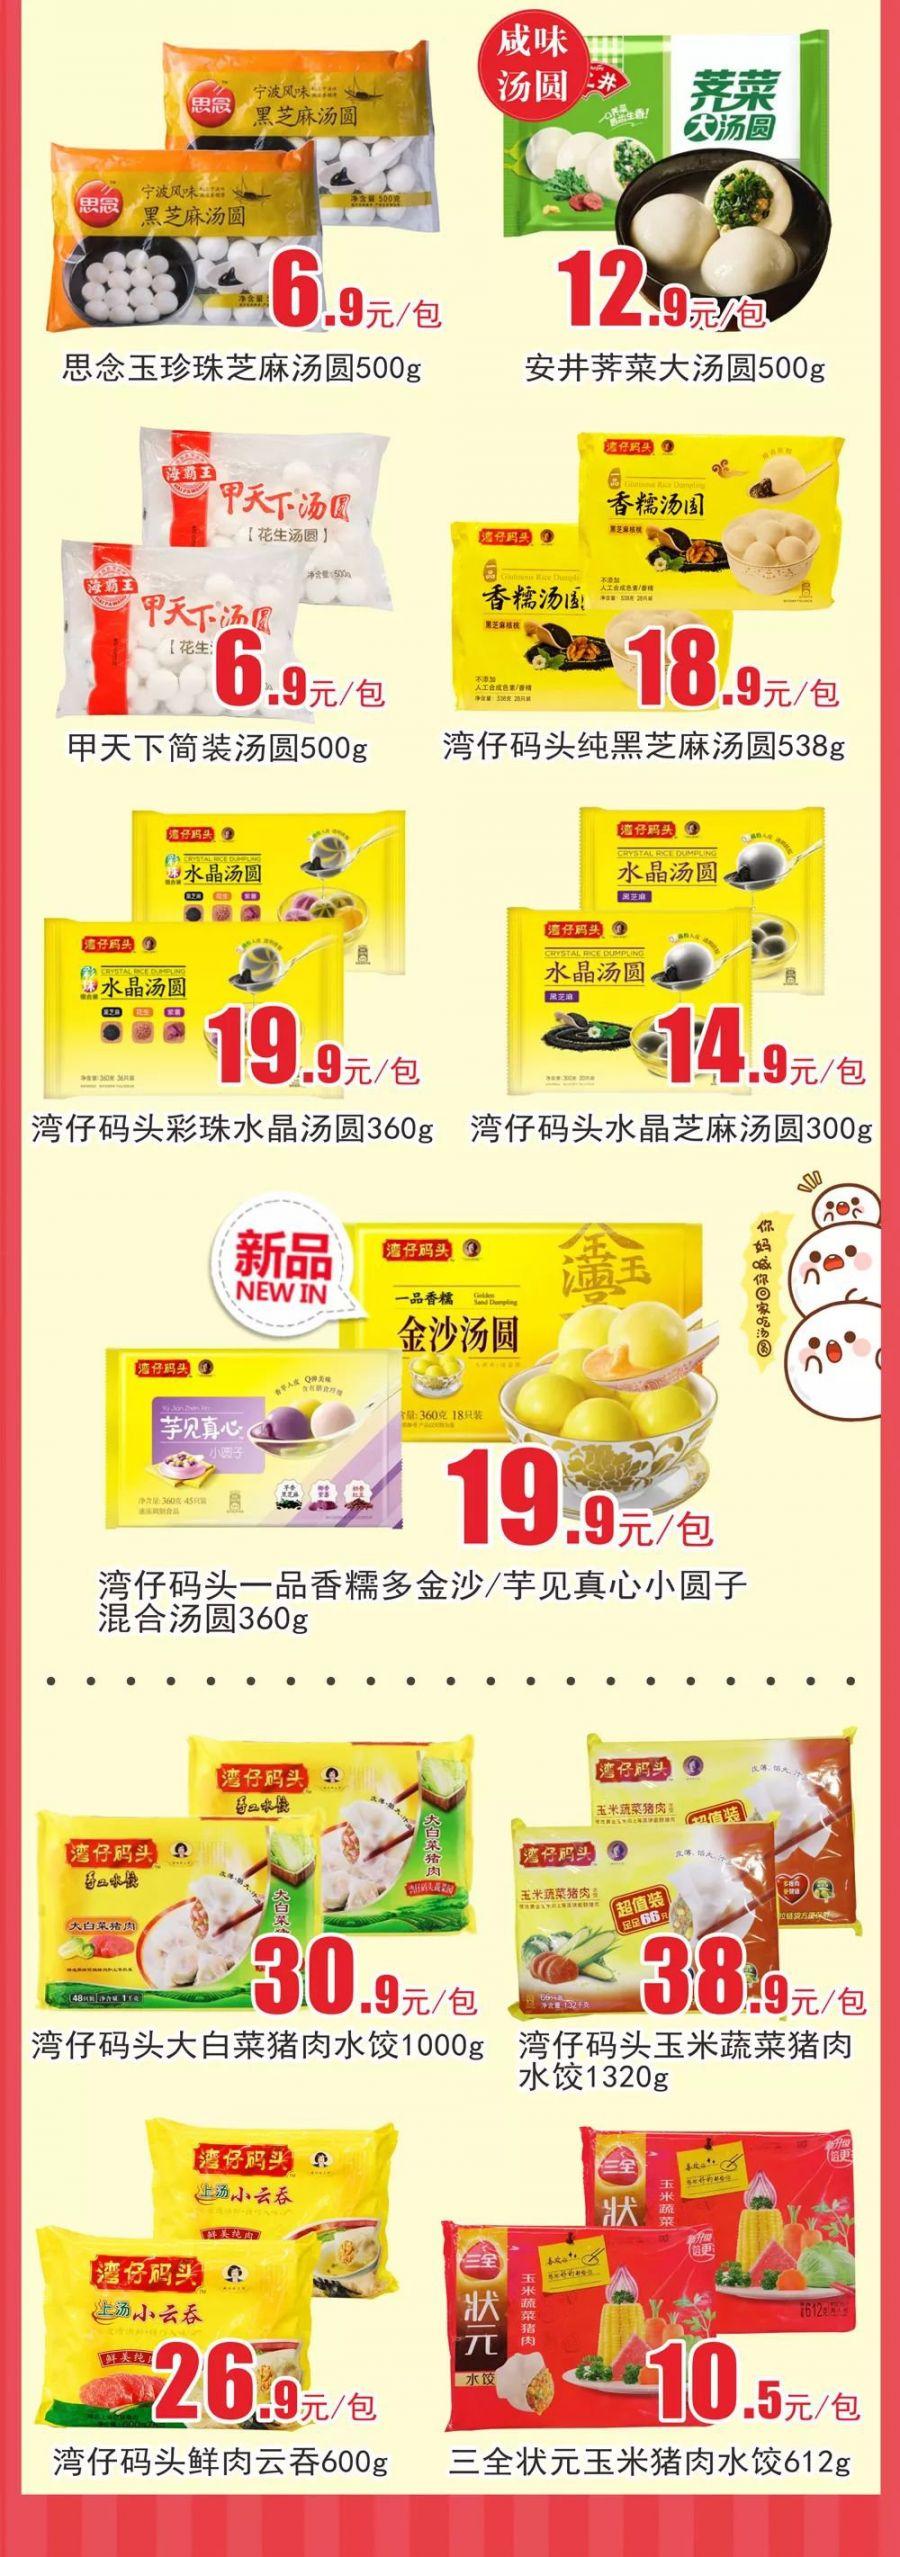 西亚兴安生活超市 | 年中购物节 惊喜连连